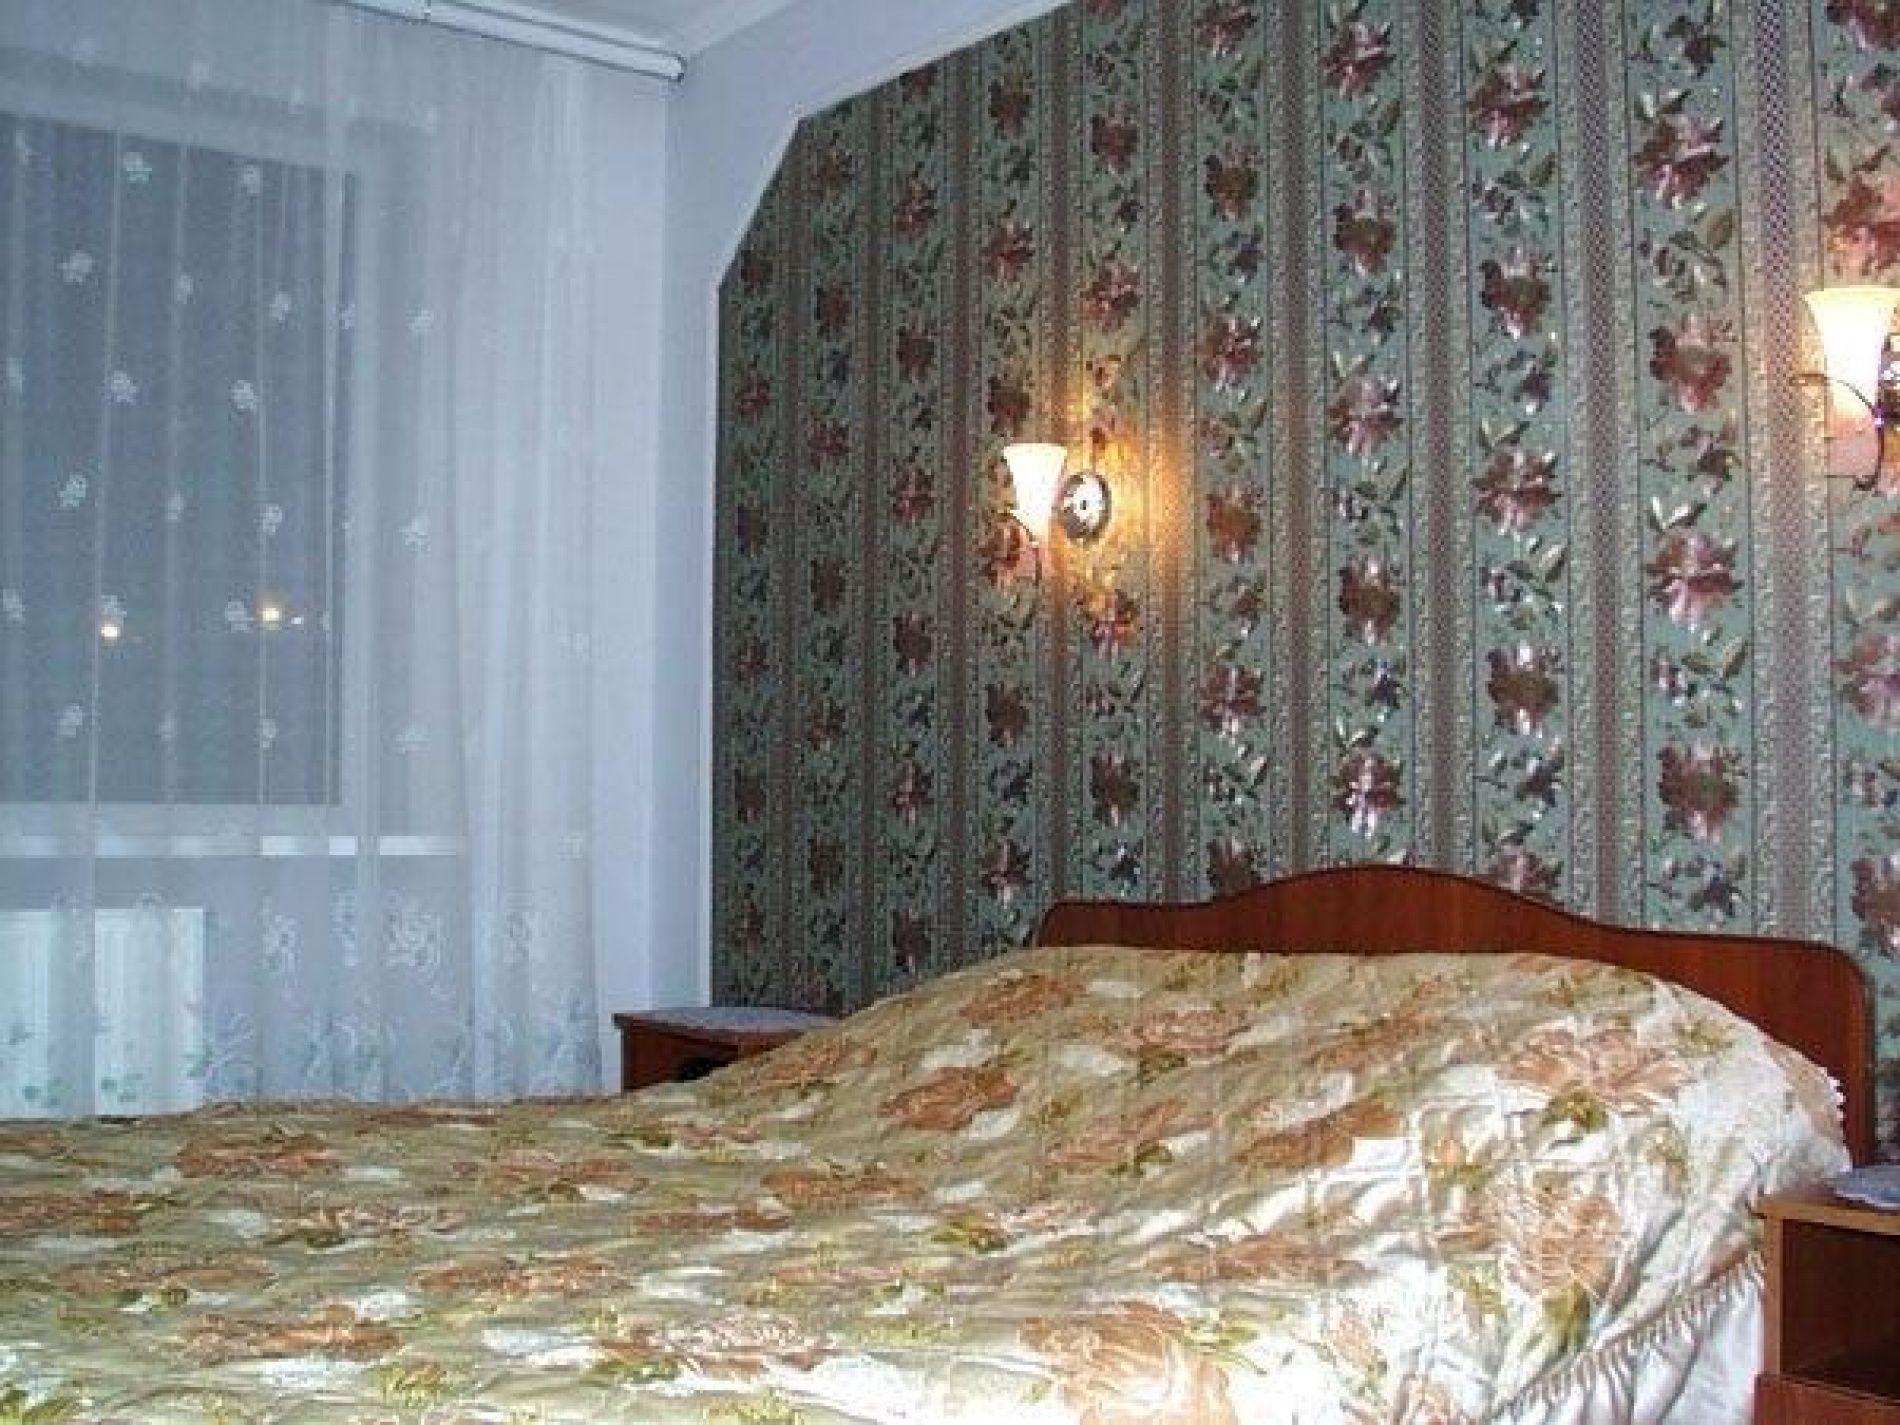 """Гостиница """"Гоначхир"""" Карачаево-Черкесская Республика Полулюкс 2-х комнатный, фото 2"""